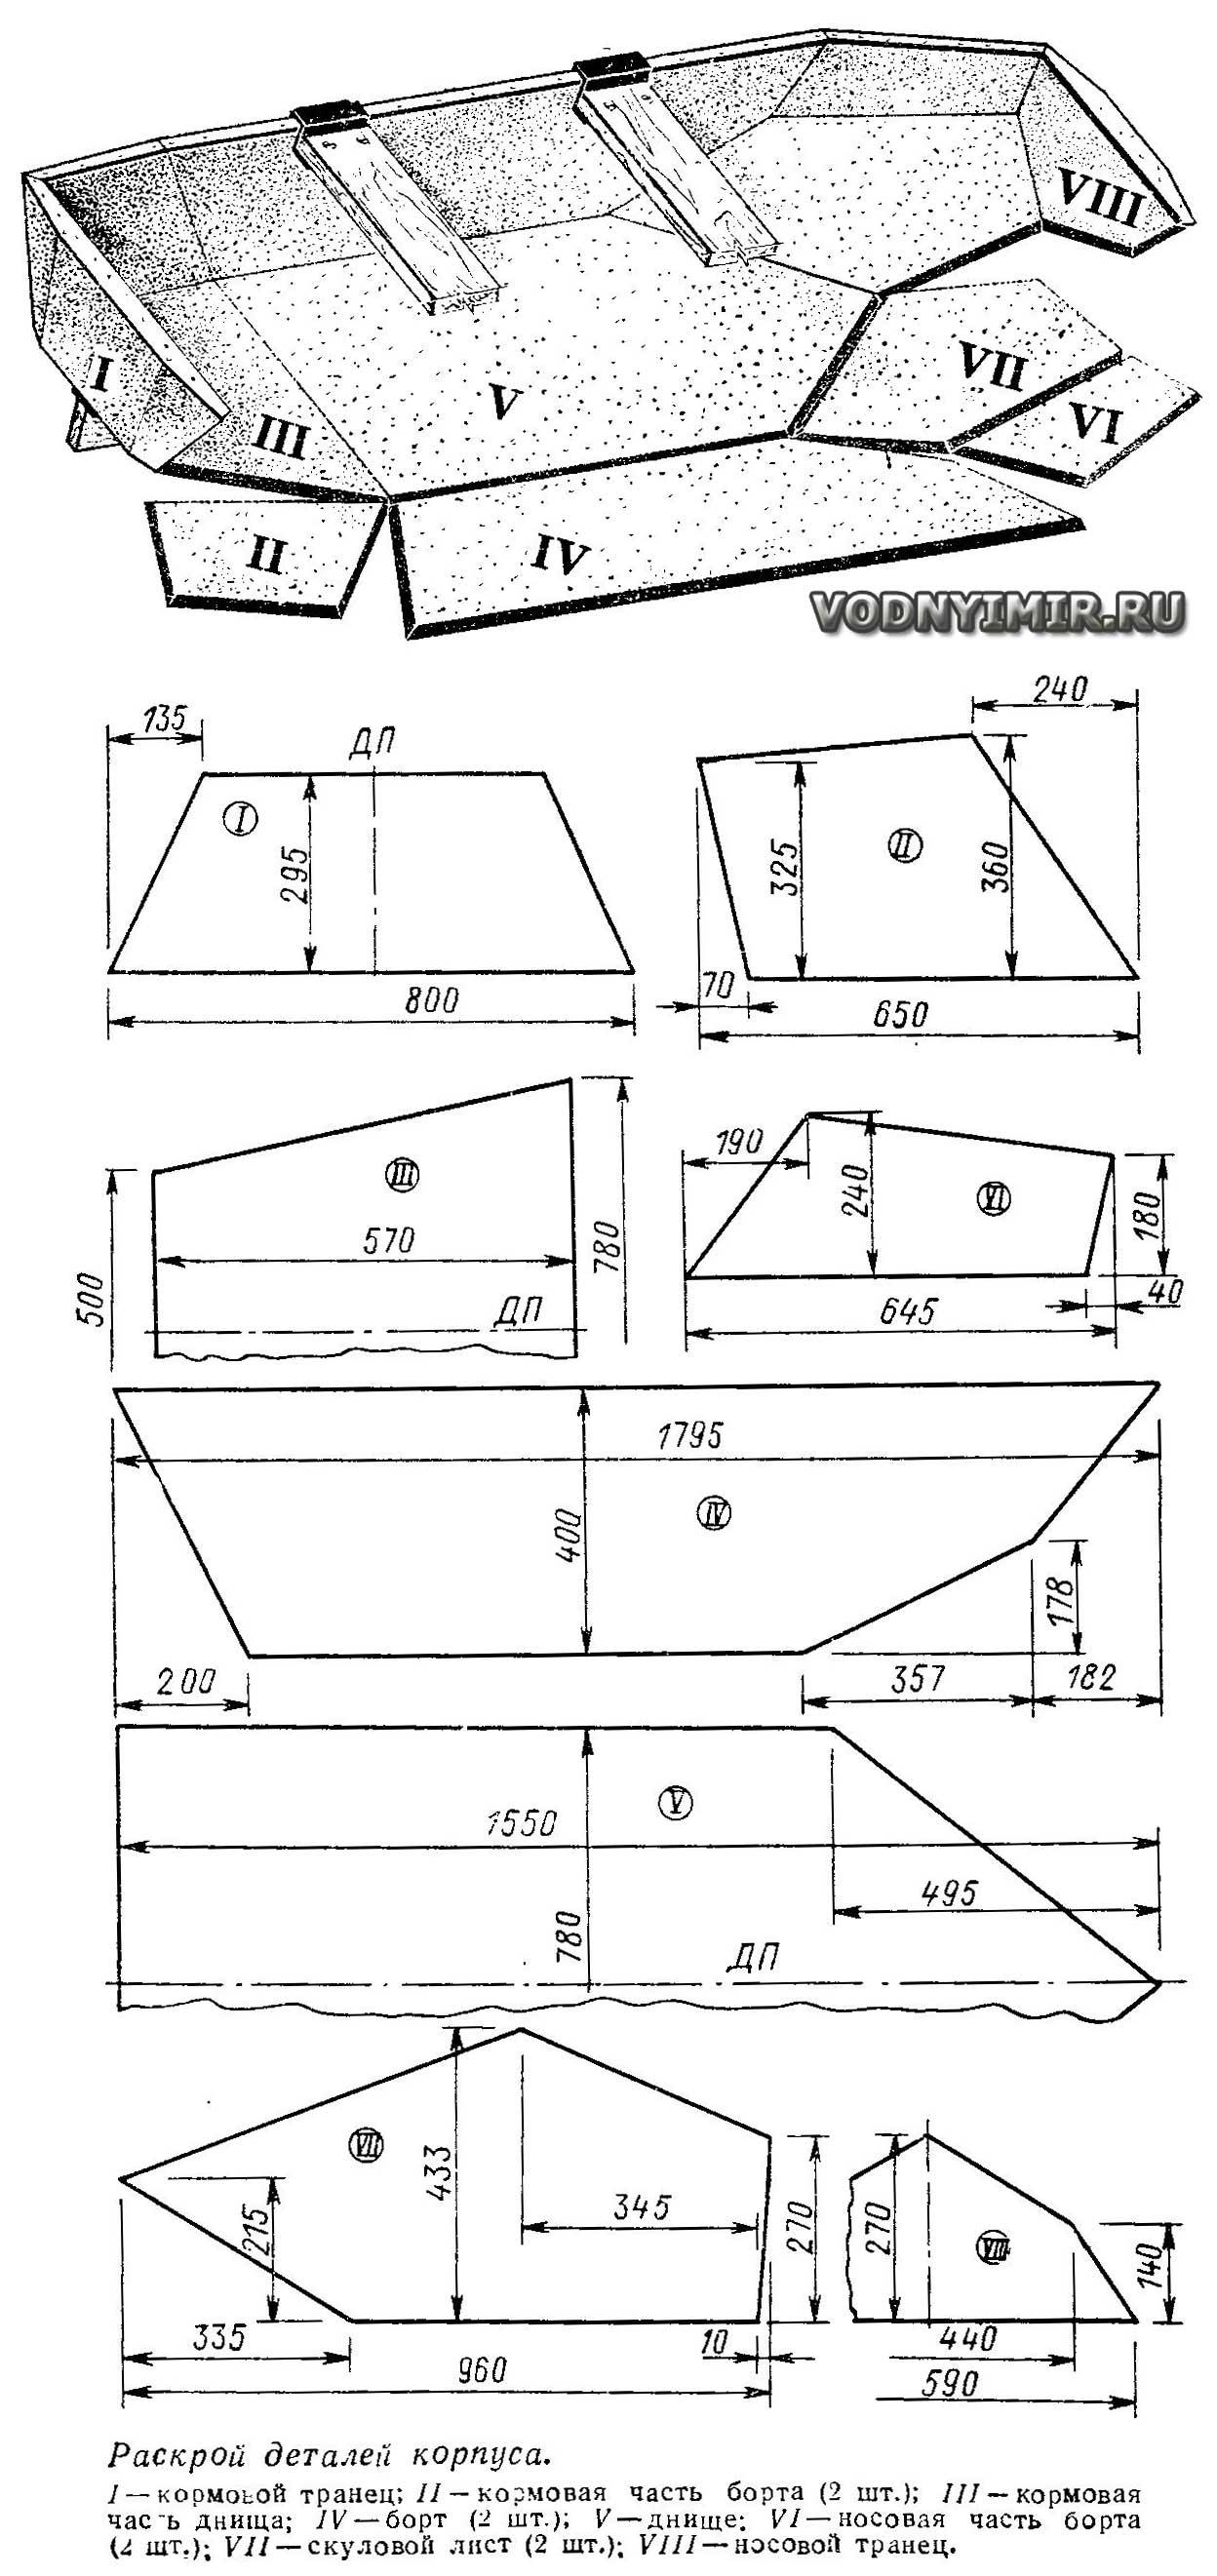 Проекты катеров, лодок и яхт для самостоятельной постройки 47